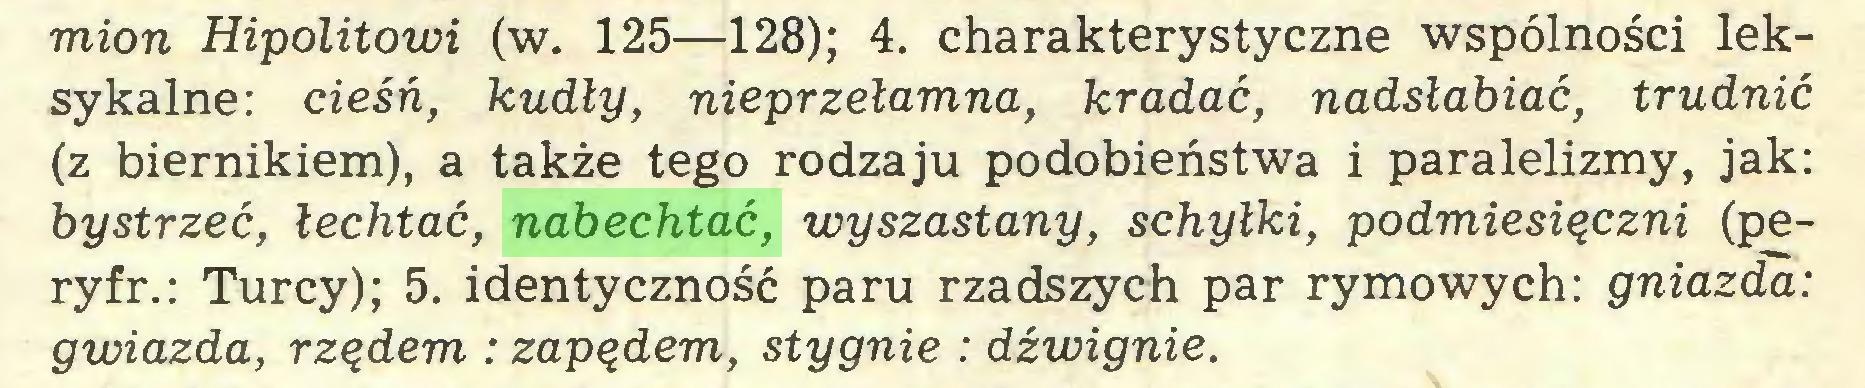 (...) mion Hipolitowi (w. 125—128); 4. charakterystyczne wspólności leksykalne: cieśń, kudły, nieprzełamna, kradać, nadsłabiać, trudnić (z biernikiem), a także tego rodzaju podobieństwa i paralelizmy, jak: bystrzeć, łechtać, nabechtać, wyszastany, schyłki, podmiesięczni (peryfr.: Turcy); 5. identyczność paru rzadszych par rymowych: gniazda: gwiazda, rzędem : zapędem, stygnie : dźwignie...